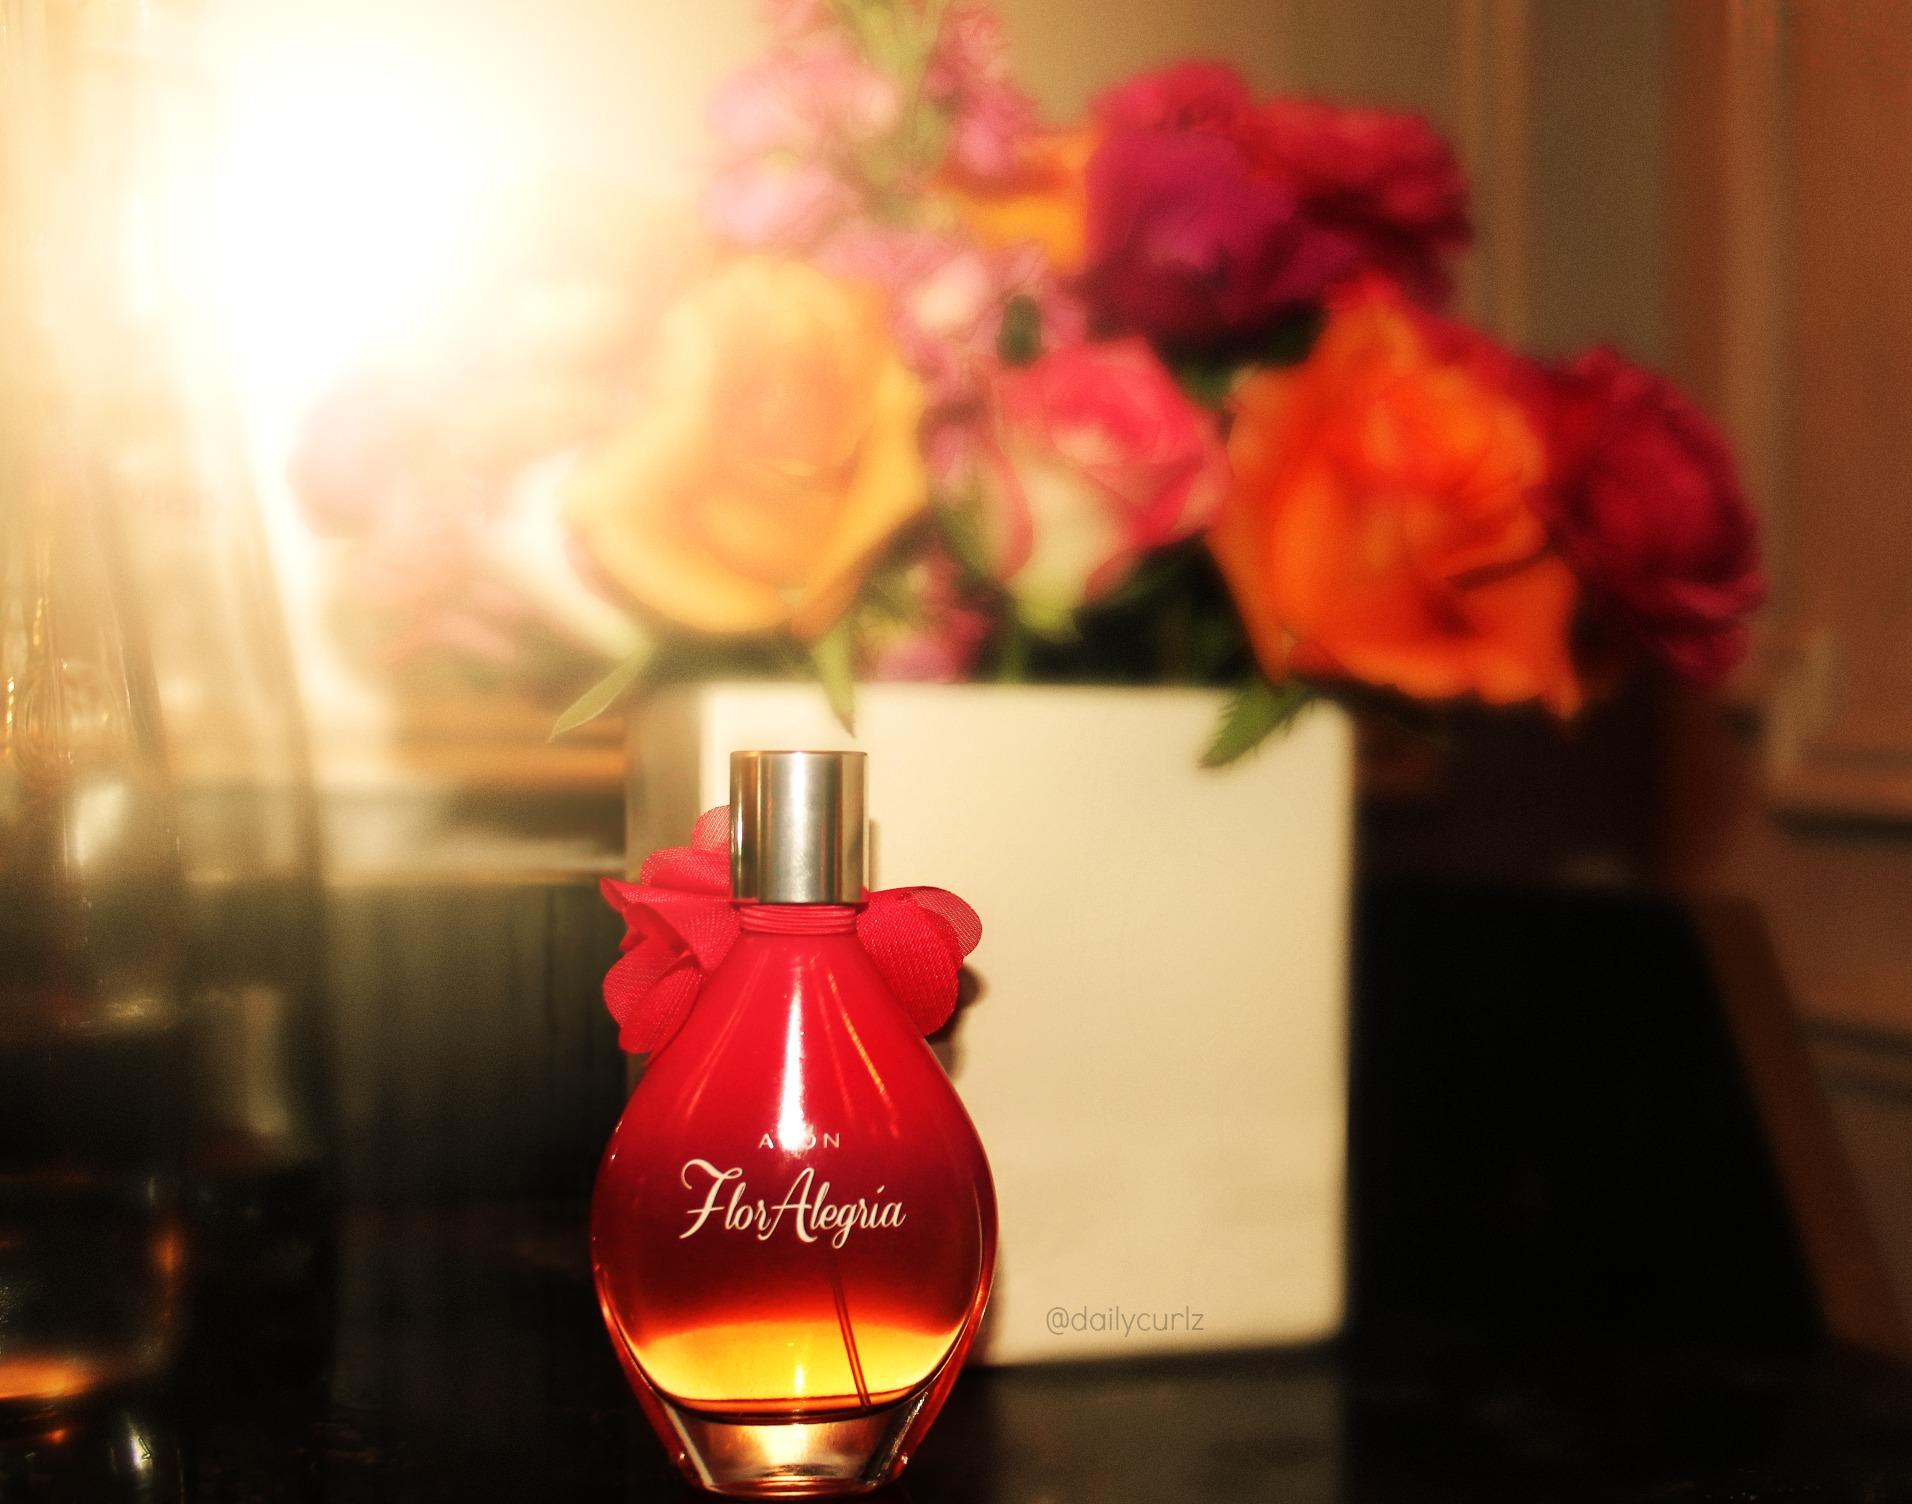 """New Avon fragrance """"Flor Alegria / Kate del castillo es la nueva cara de Avon"""